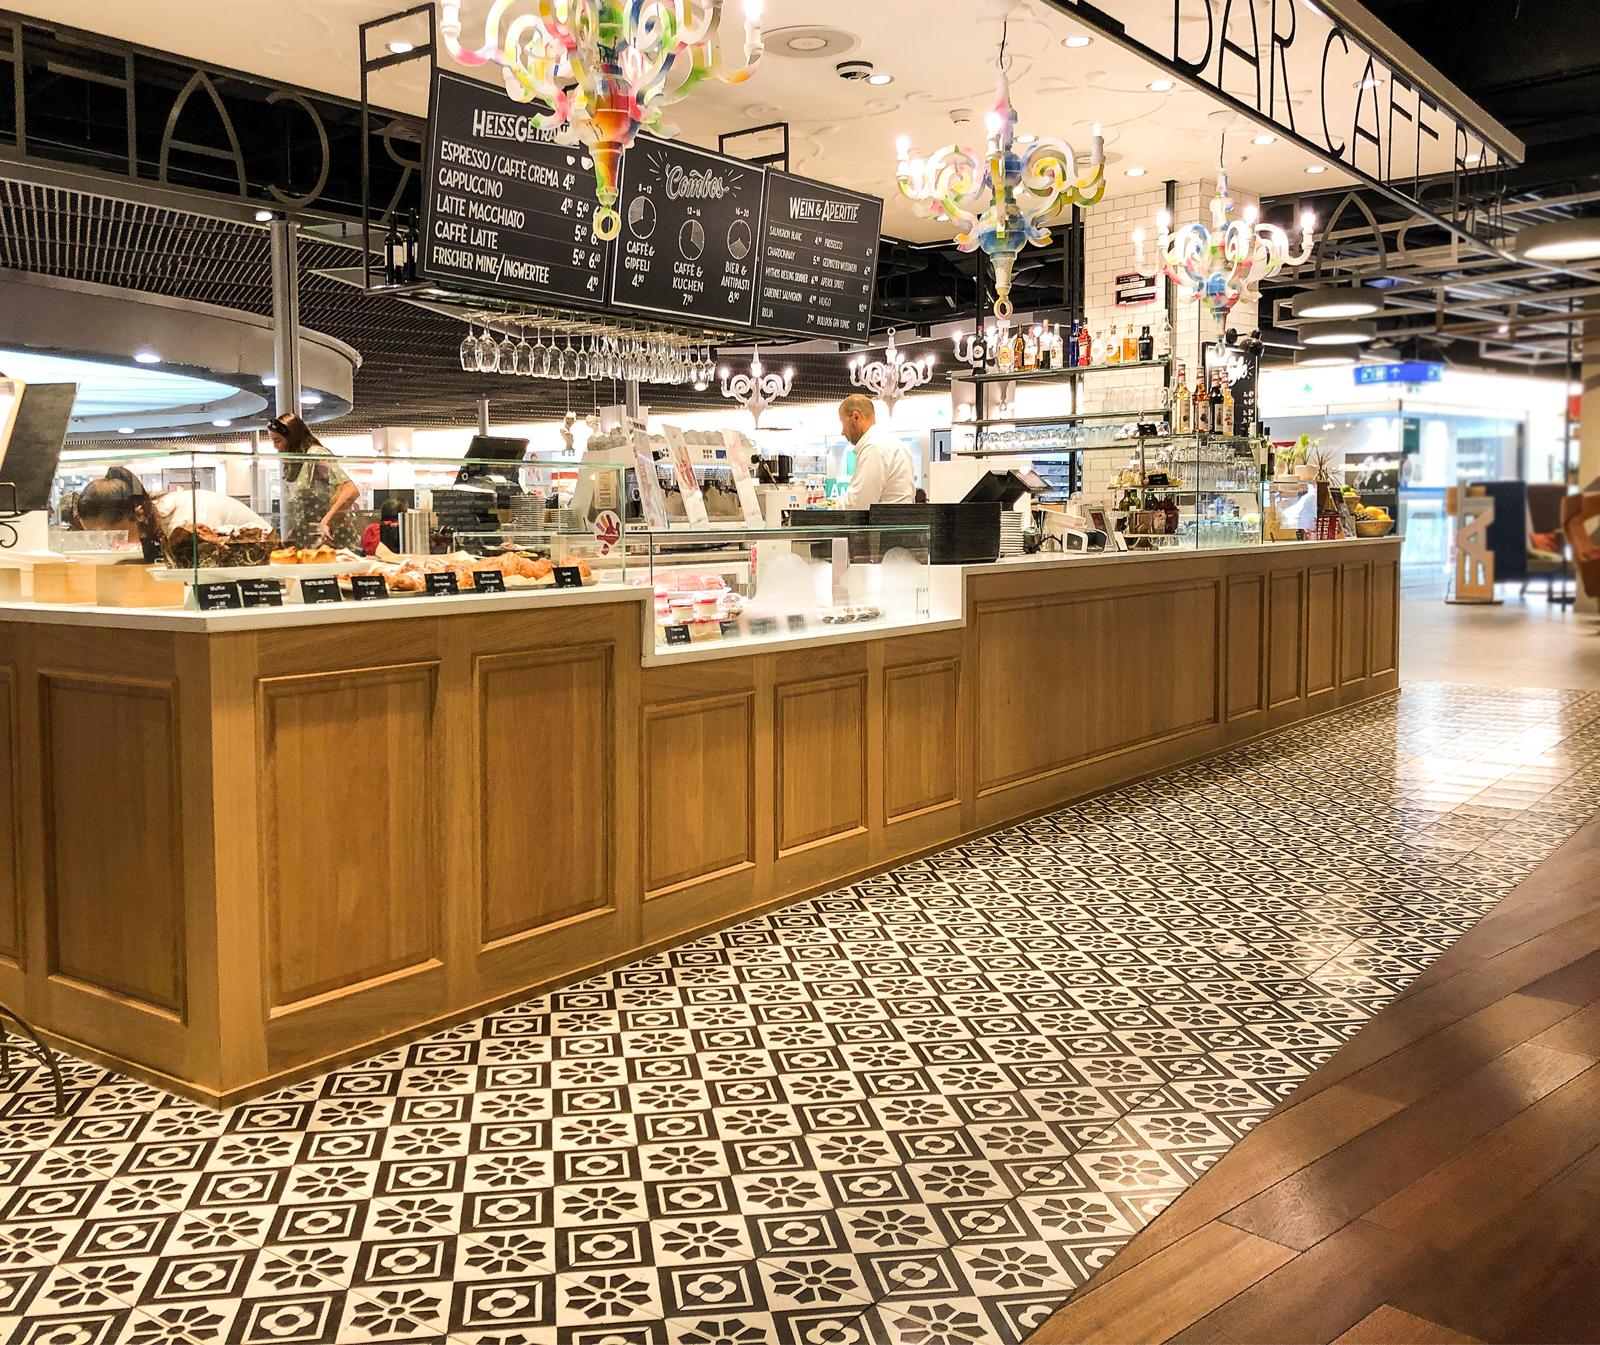 zementfliesen-nr.51054-cafe-viaplatten | 51054